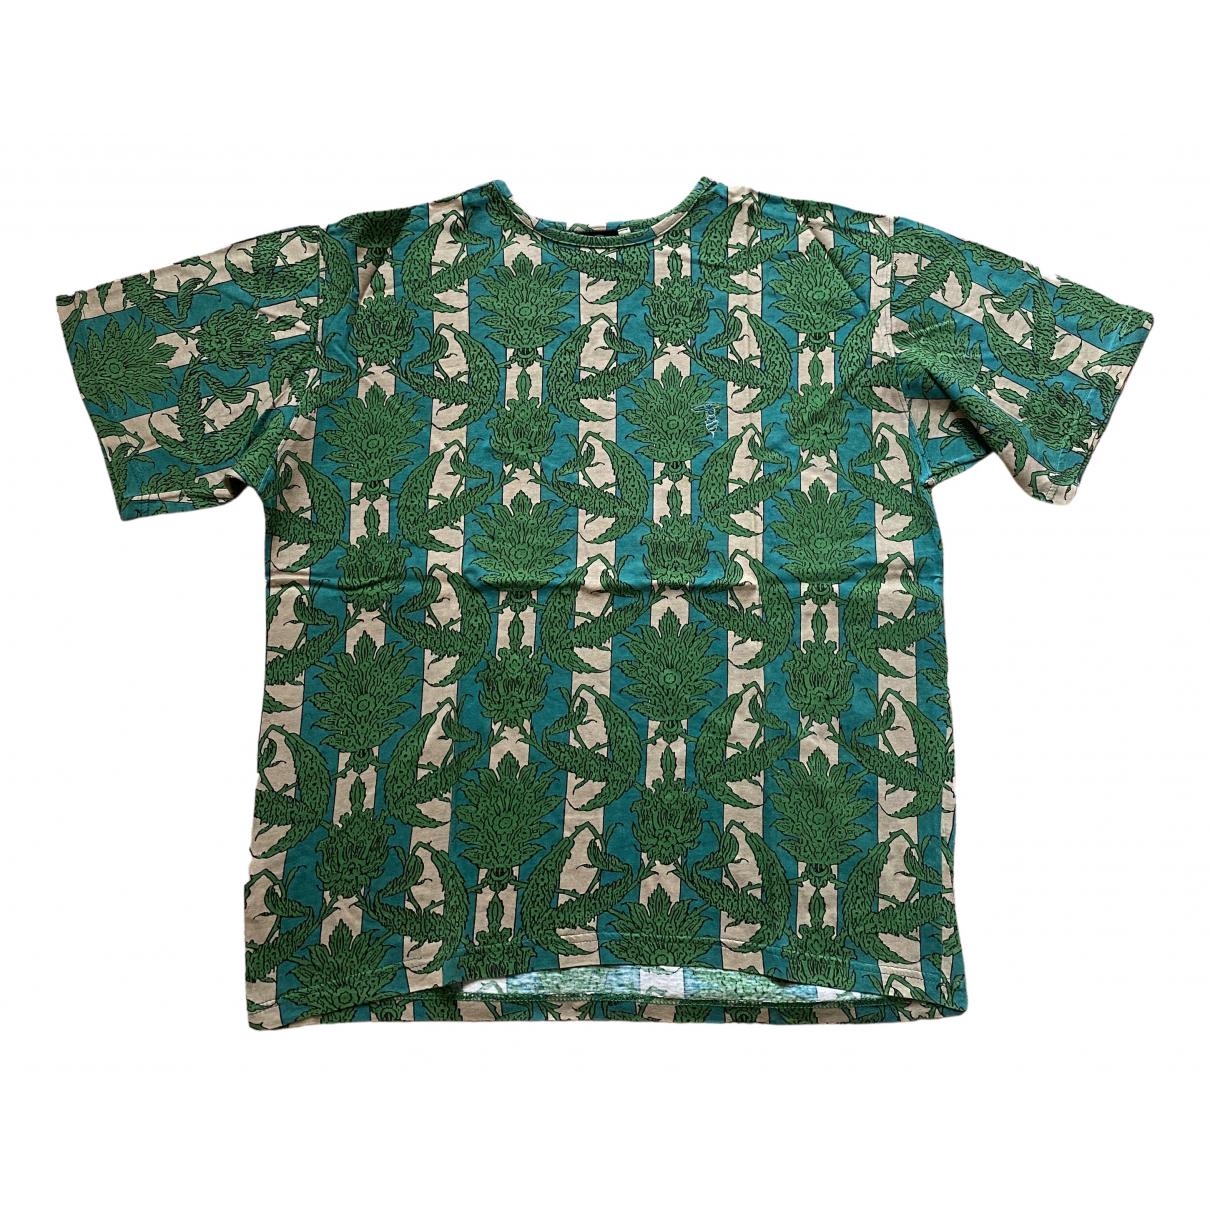 Trussardi - Tee shirts   pour homme en coton - vert